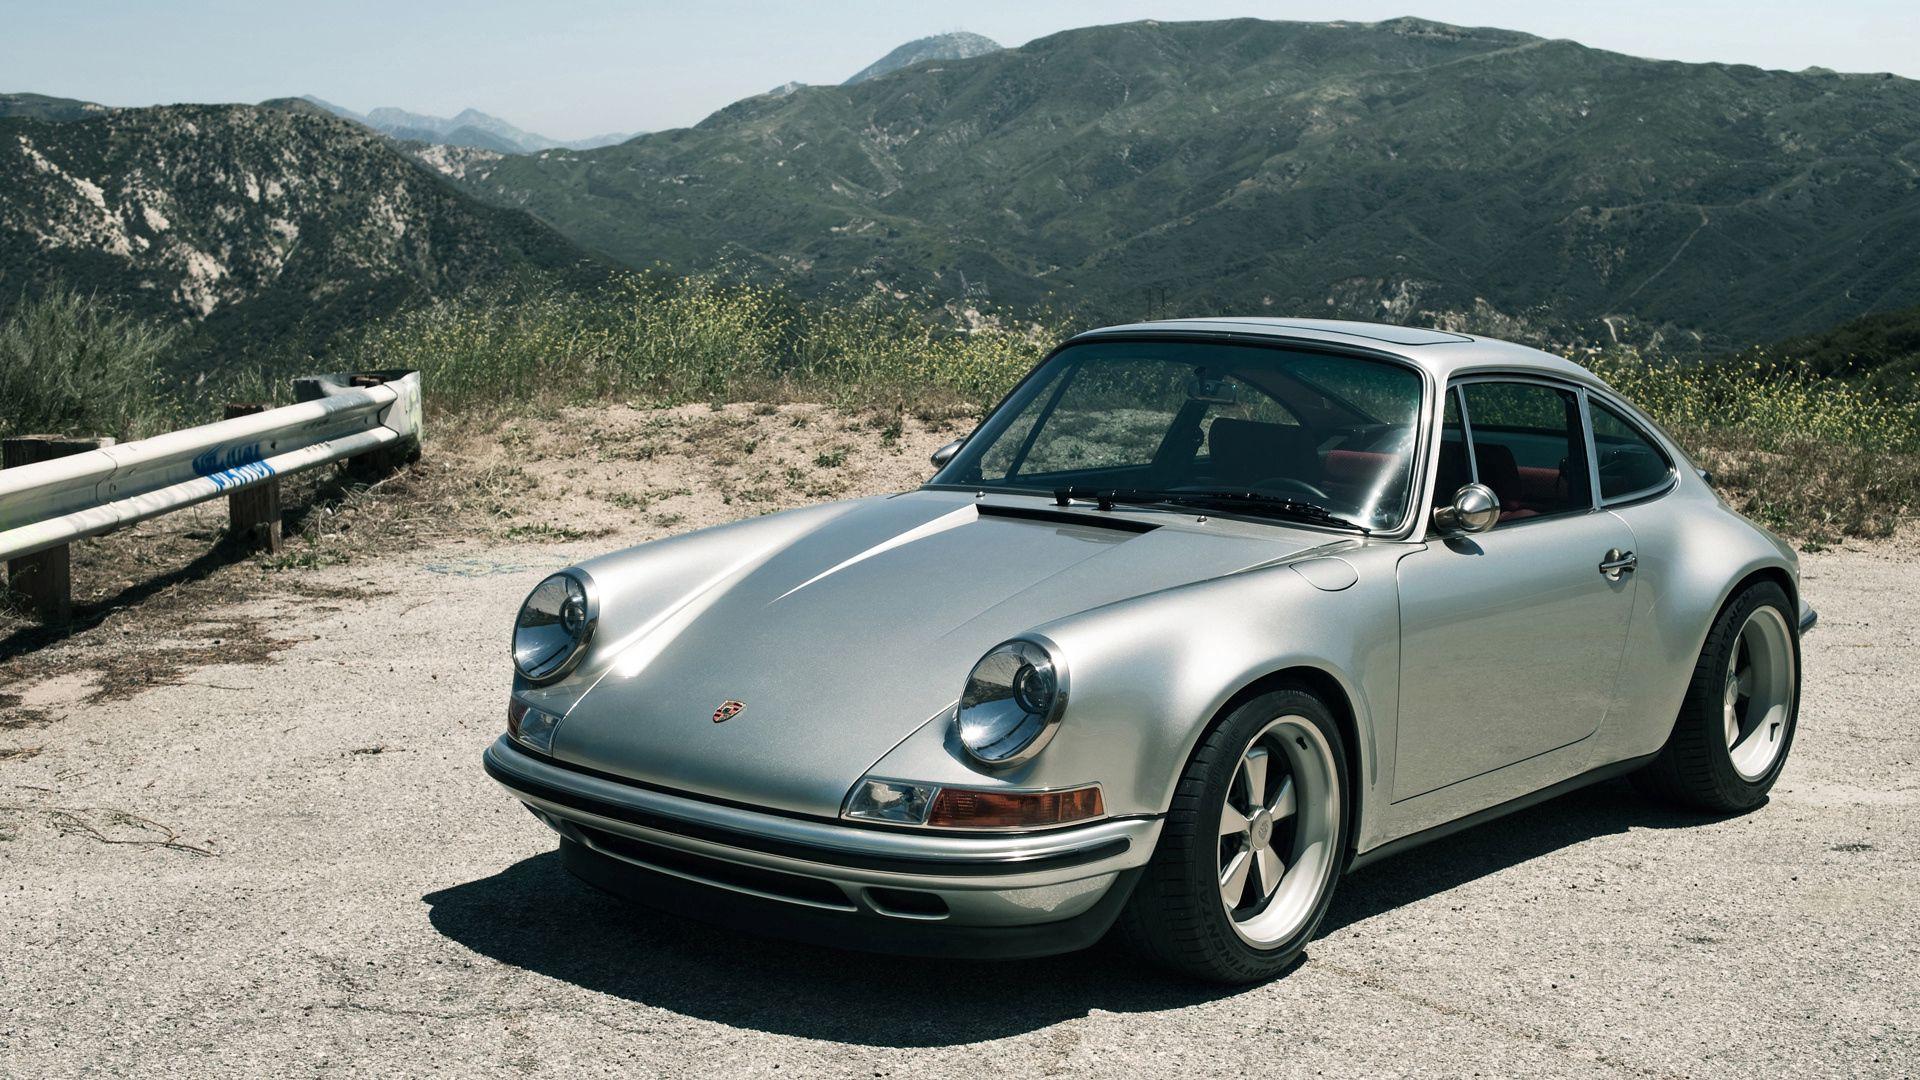 153900 скачать обои Тачки (Cars), Porsche 911, Порш (Porsche), Машины - заставки и картинки бесплатно